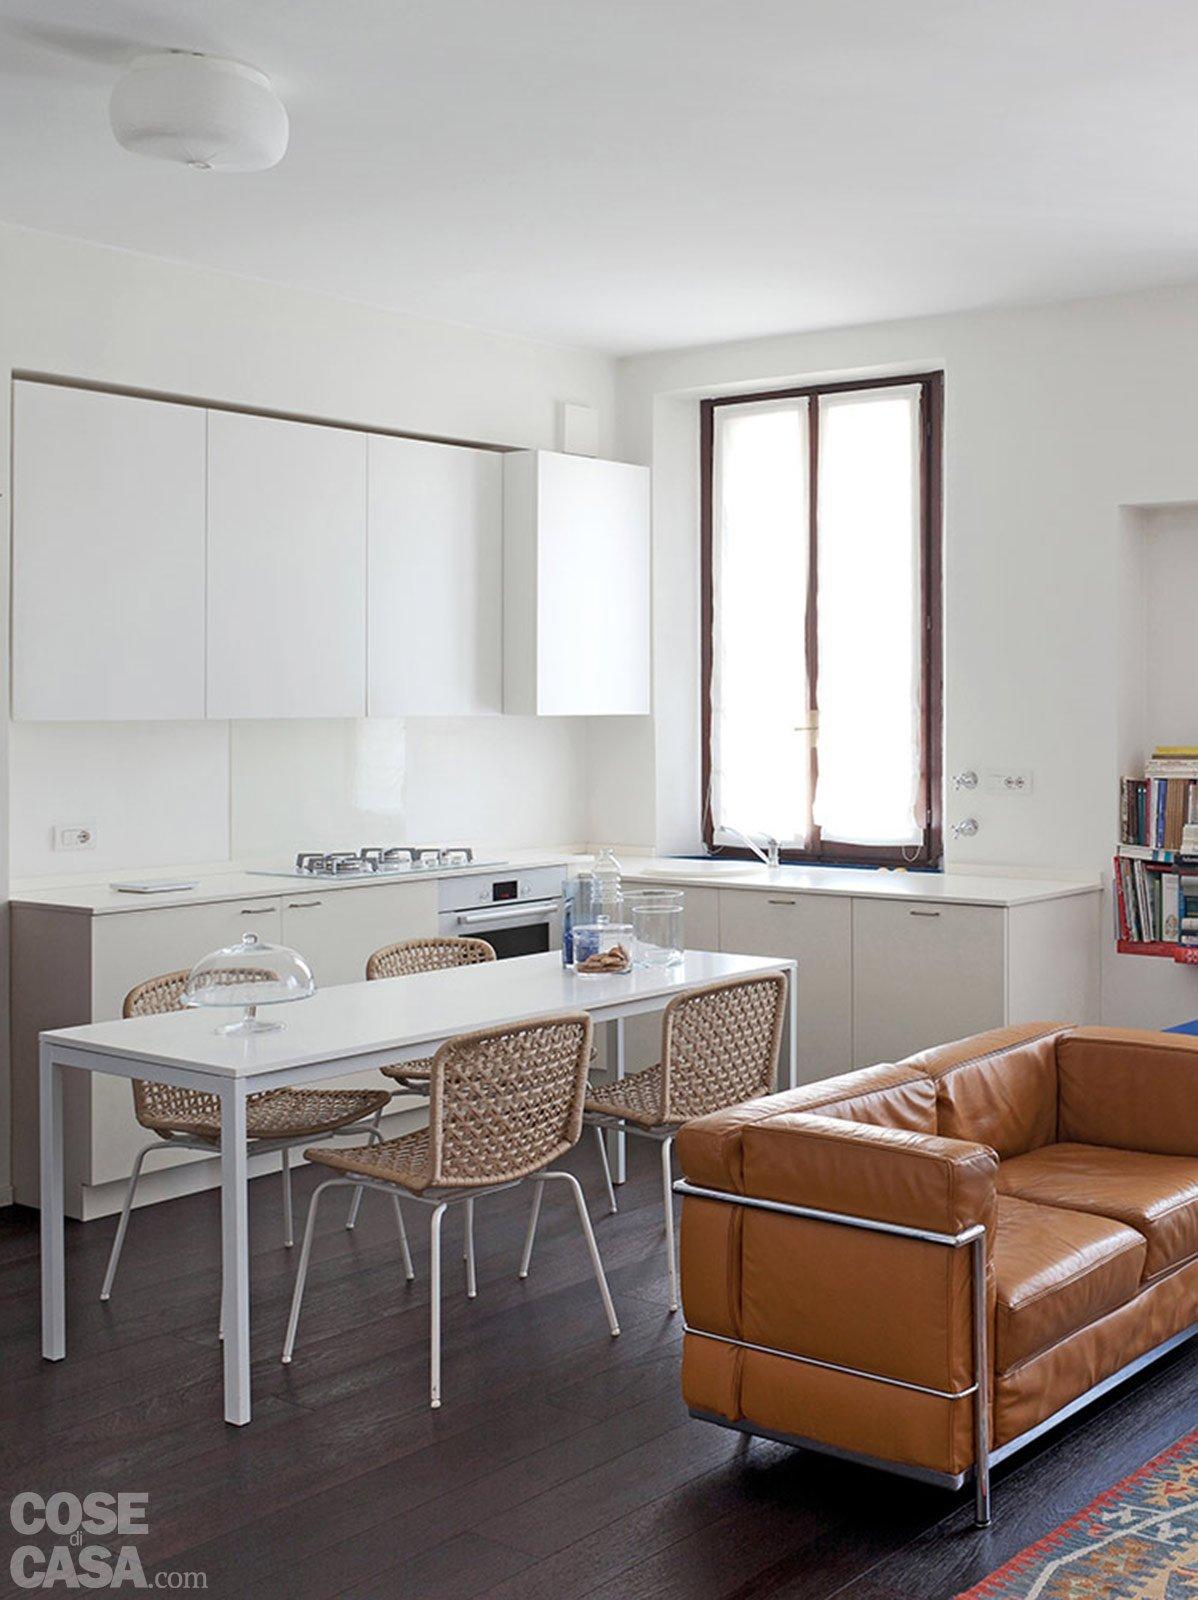 70 mq la casa migliora cos cose di casa for Arredare soggiorno cucina